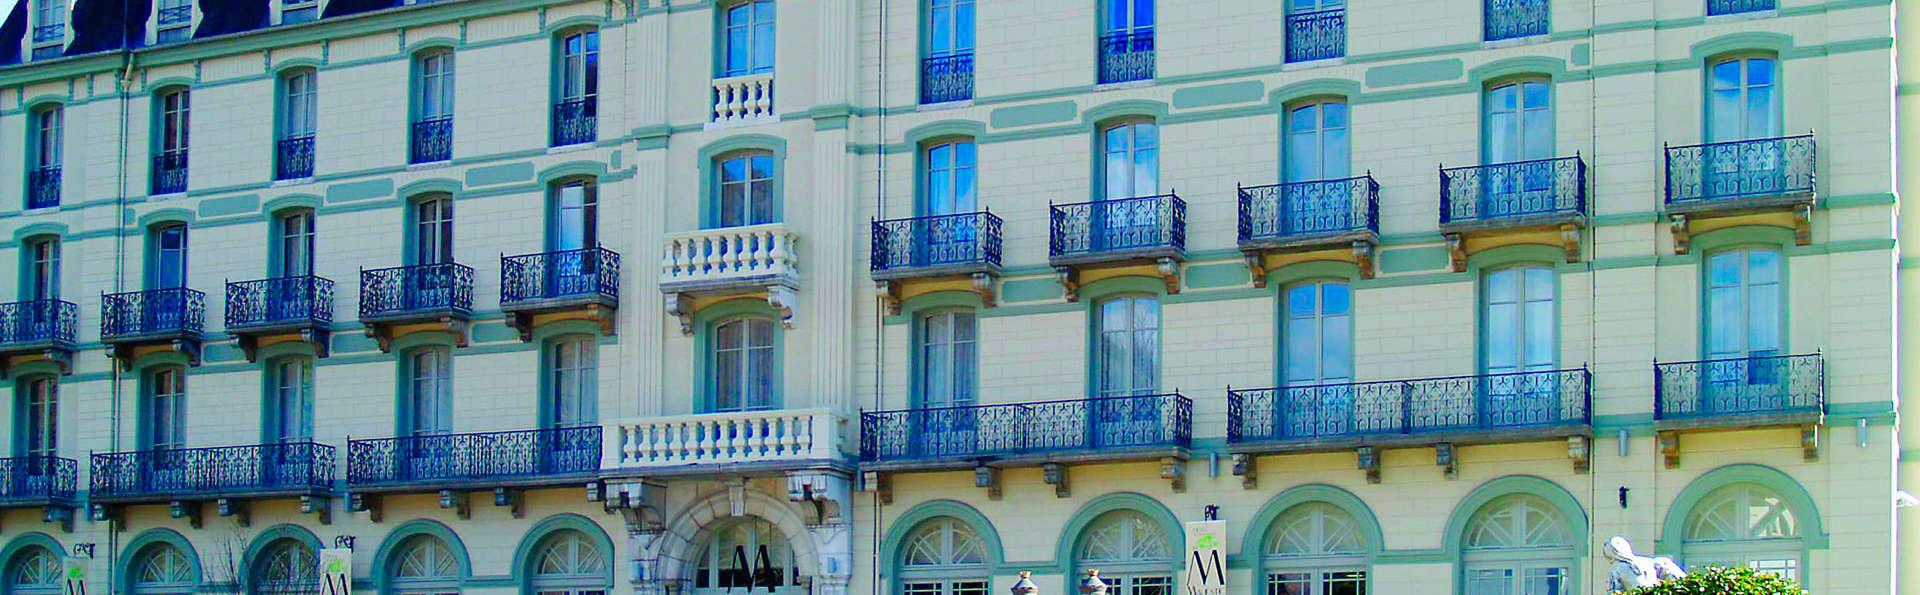 Hôtel Le Majestic  - EDIT_front32.jpg